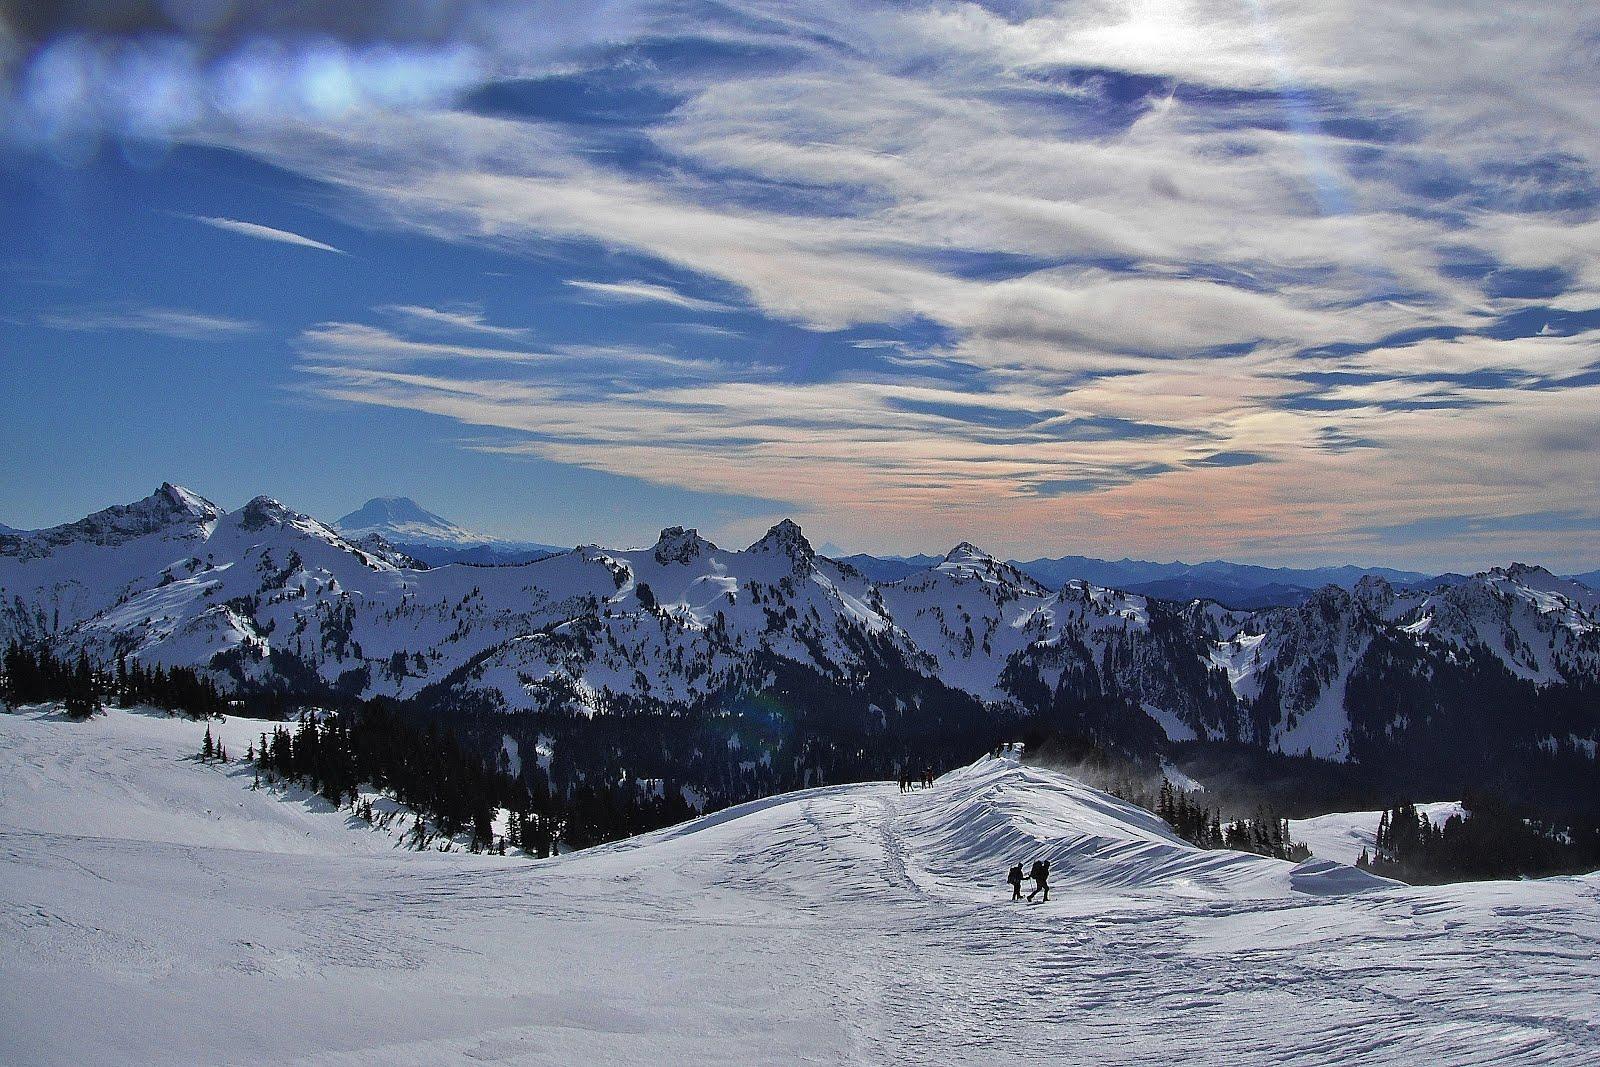 Ski Touring Mt Rainier